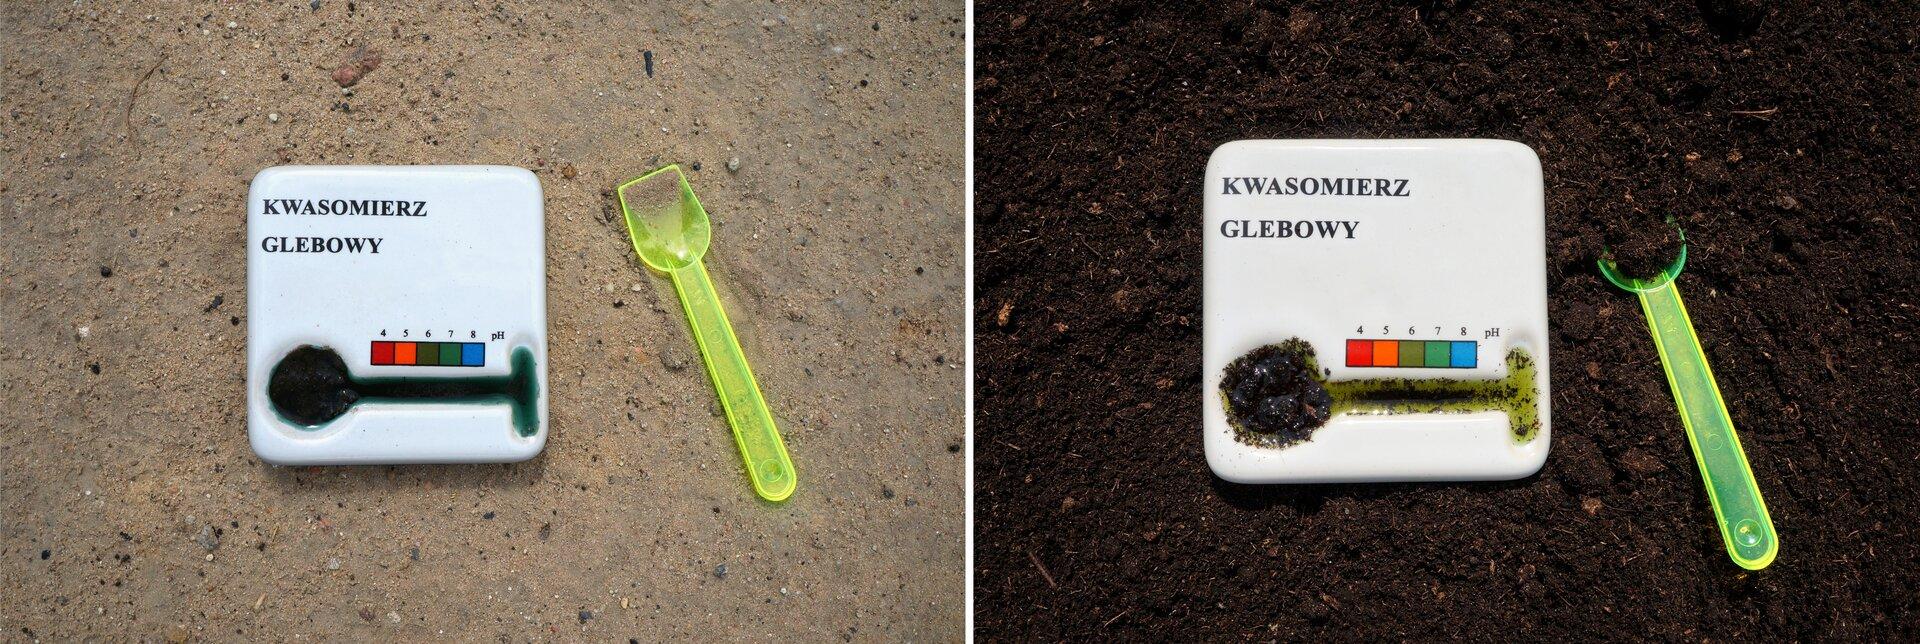 Ilustracja składa się zdwóch zdjęć przedstawiających wygląd izasadę działania kwasomierza glebowego. Na zdjęciu po lewej na gołym kawałku suchej ziemi leży zestaw do mierzenia kwasowości gleby. Składa się on zplastikowej łyżki oraz urządzenia podpisanego Kwasomierz glebowy, wktórego dolnej części znajduje się podłużne wgłębienie na substancję wskaźnikową. Powyżej wgłębienia znajduje się barwna legenda pozwalająca odczytać pH gleby zbarwy płynu. Po prawej stronie kwasomierz wraz złyżeczką leżą na ciemnej ziemi torfowej. Na łyżeczce iwe wgłębieniu znajdują się niewielkie ilości gleby. Do tego wokół gleby na kwasomierzu pływa sporo płynu wskaźnikowego okolorze jasnozielonym.